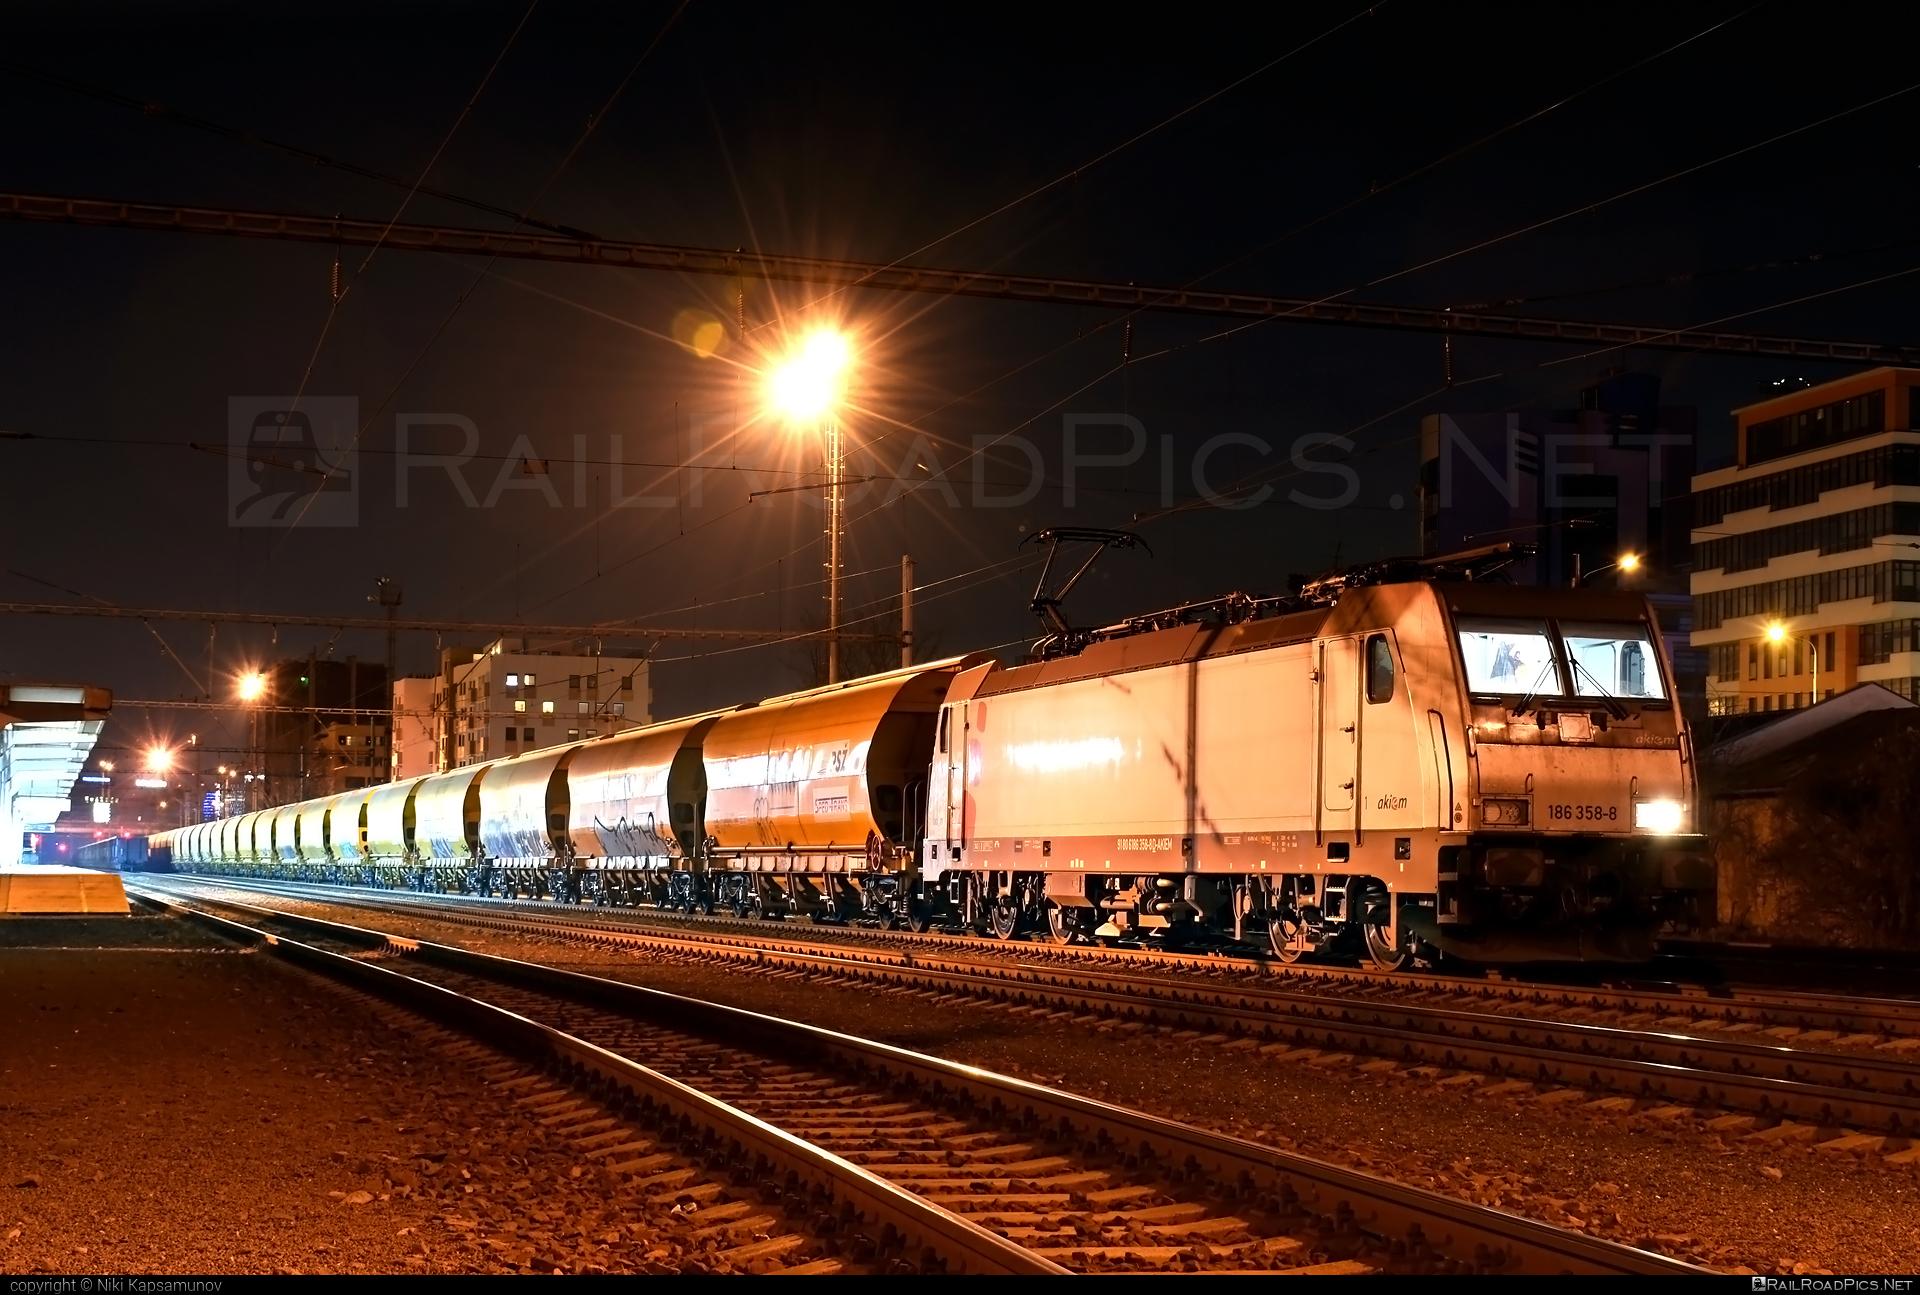 Bombardier TRAXX F140 MS - 186 358-8 operated by Prvá Slovenská železničná, a.s. #akiem #akiemsas #bombardier #bombardiertraxx #hopperwagon #prvaslovenskazeleznicna #prvaslovenskazeleznicnaas #psz #traxx #traxxf140 #traxxf140ms